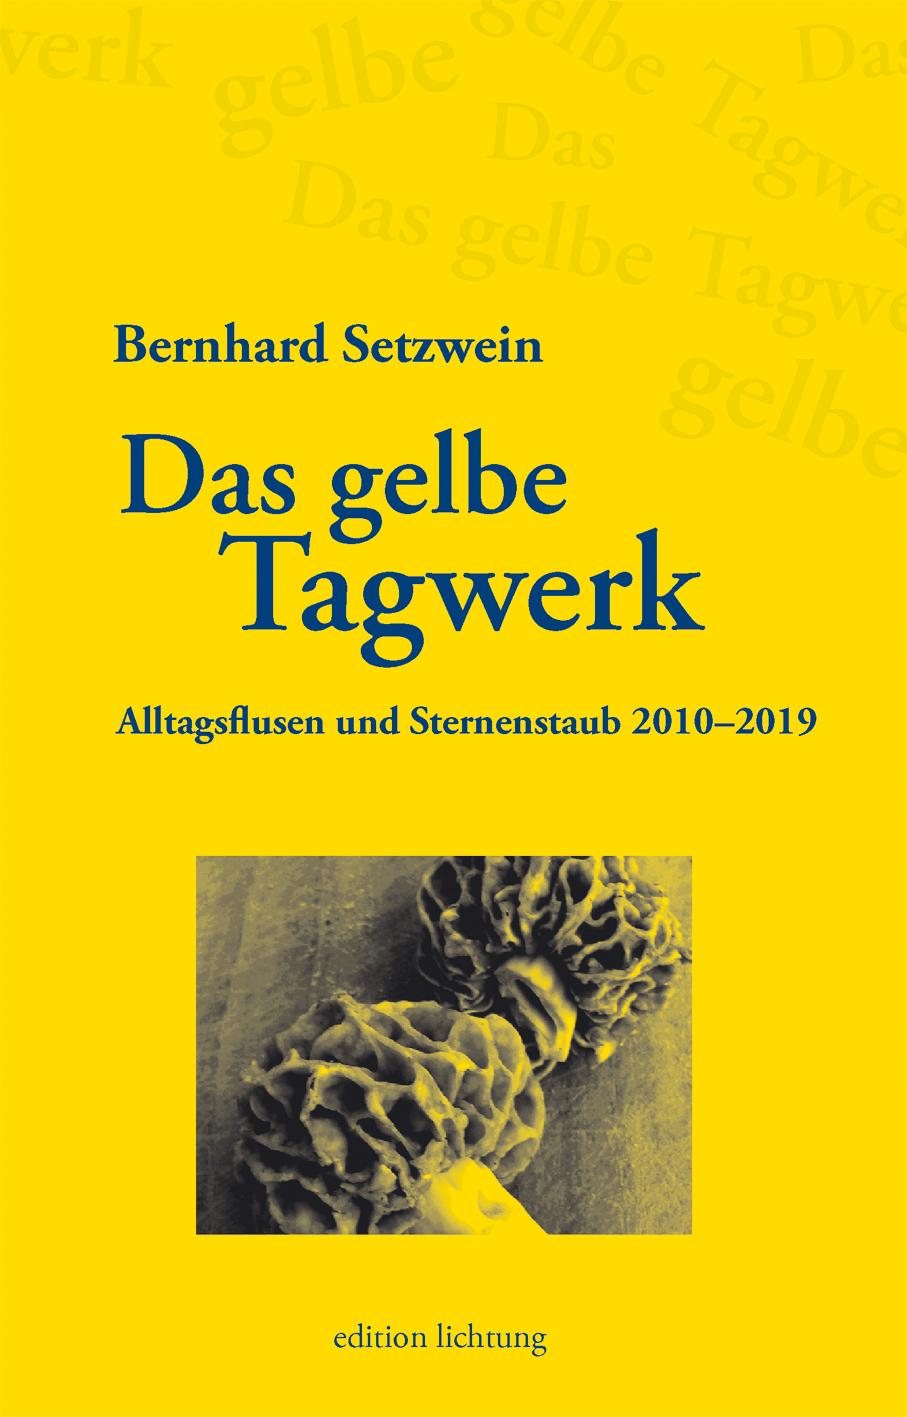 Setzwein Bernhard - Das gelbe Tagwerk